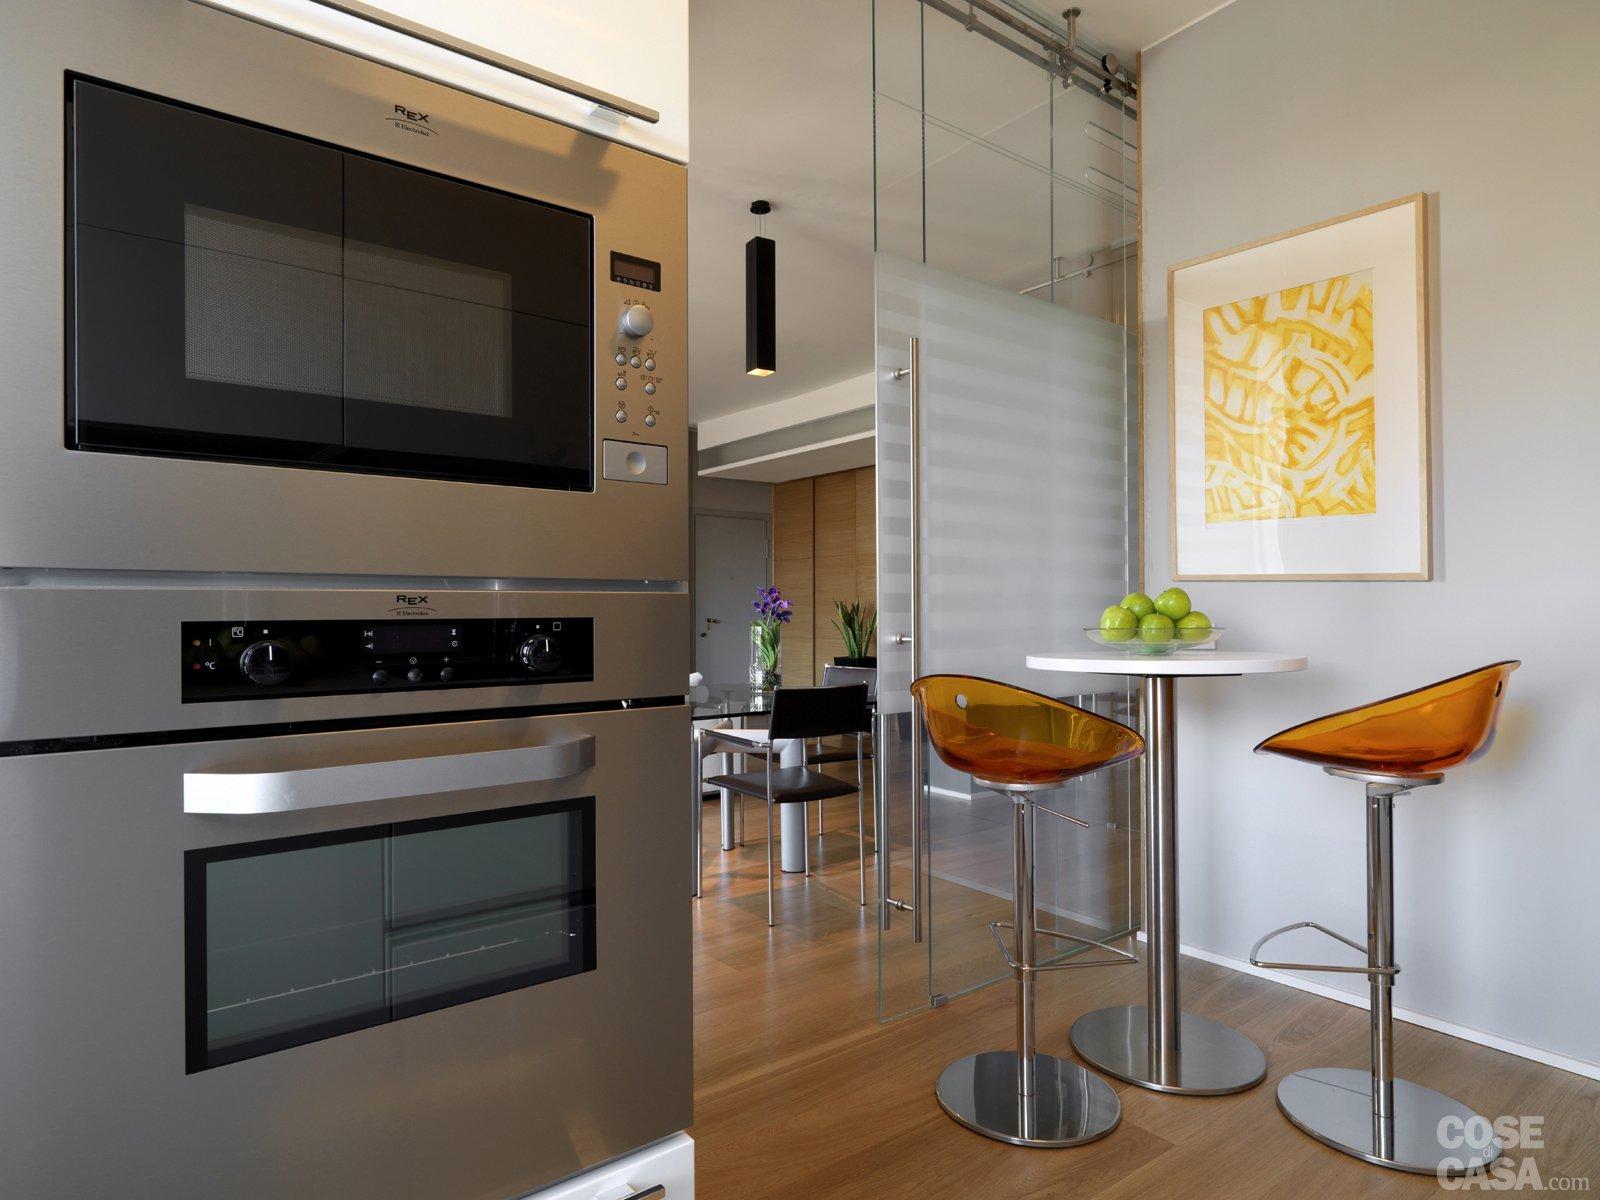 Arredare Ambiente Unico Cucina Soggiorno : Arredare Cucina E Soggiorno  #A46F27 1600 1200 Come Arredare Un Ambiente Unico Cucina Soggiorno